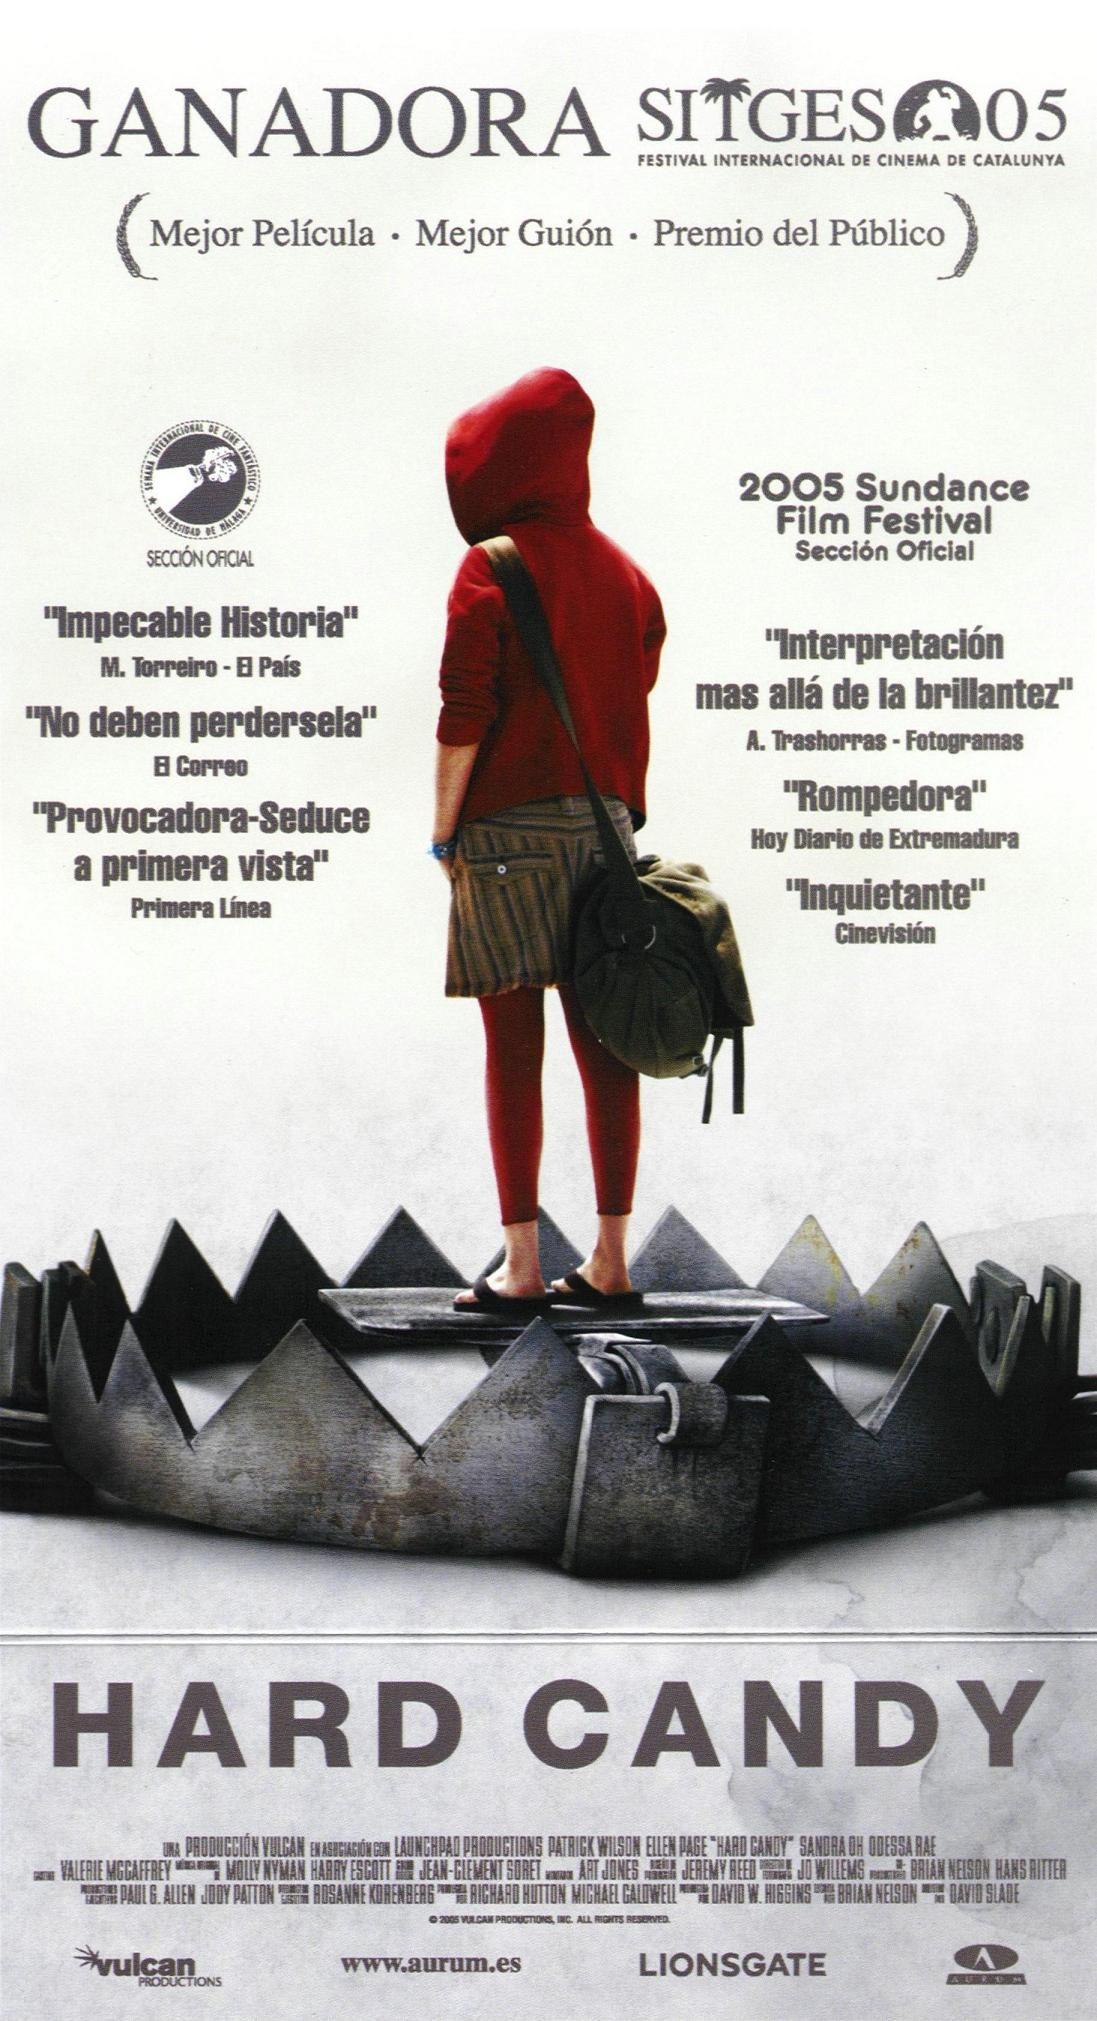 Hard Candy Poster Peliculas Mejores Peliculas Cine